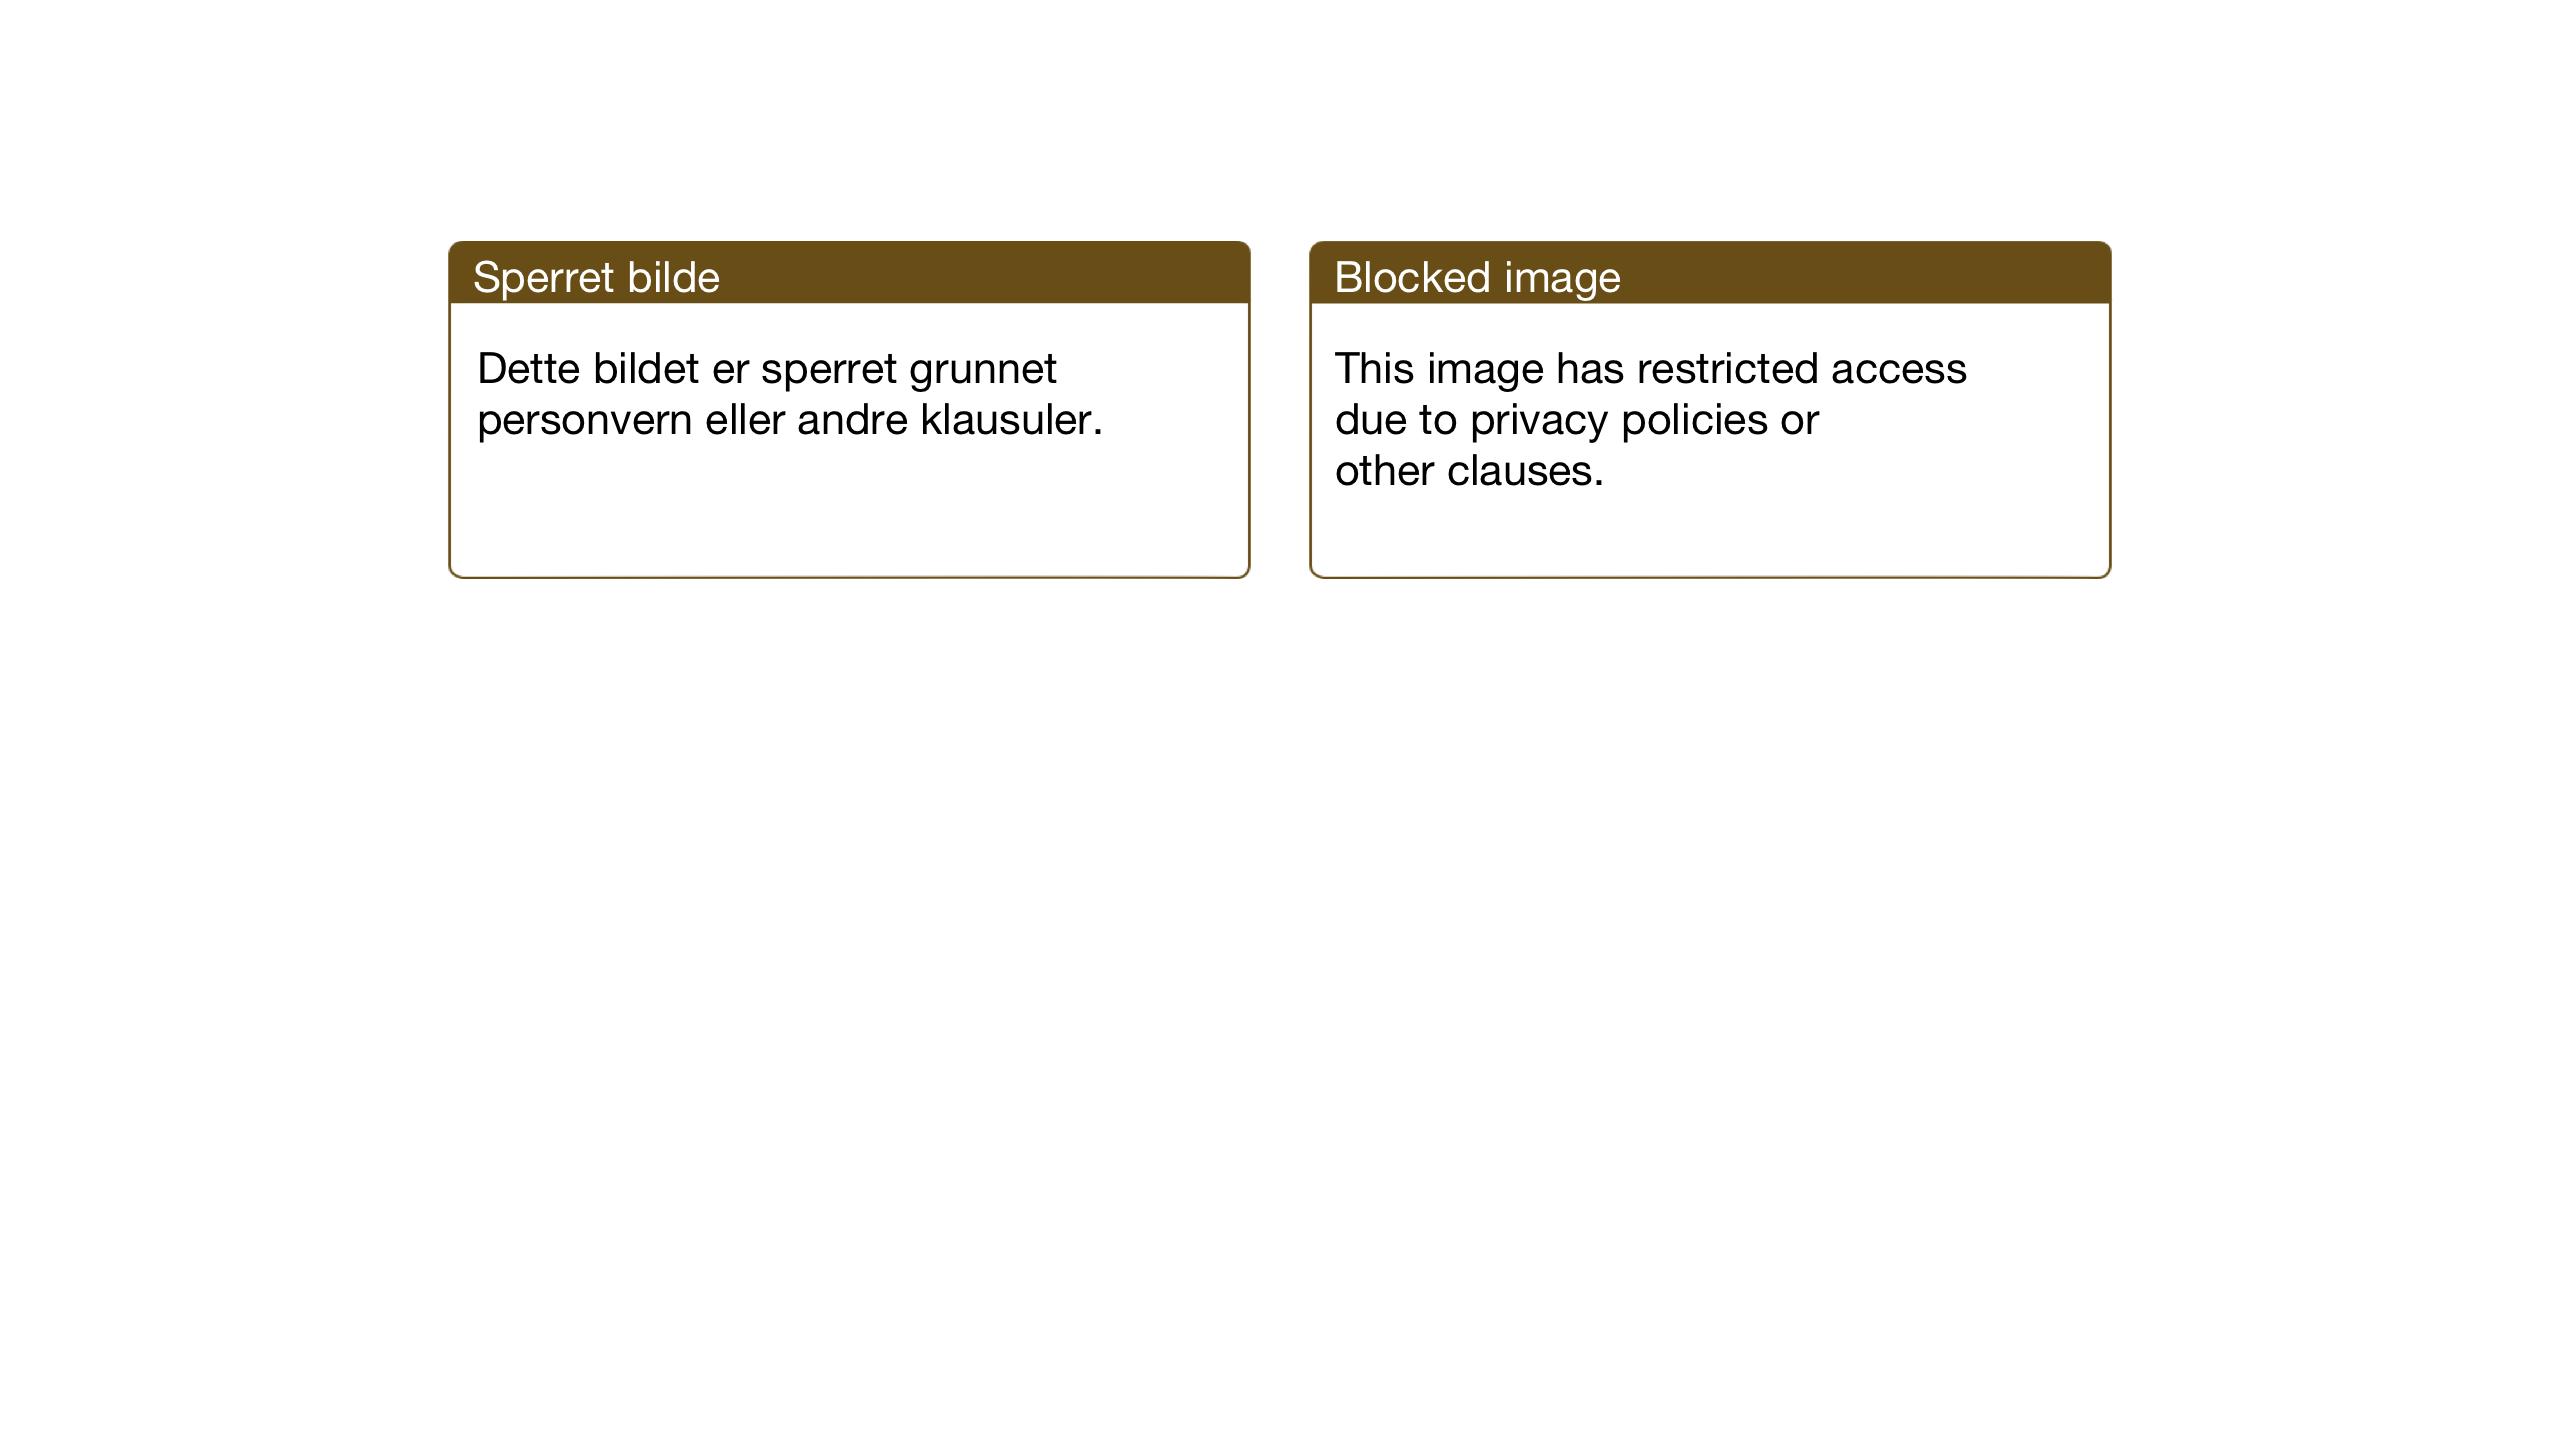 SAT, Ministerialprotokoller, klokkerbøker og fødselsregistre - Sør-Trøndelag, 657/L0718: Klokkerbok nr. 657C05, 1923-1948, s. 74